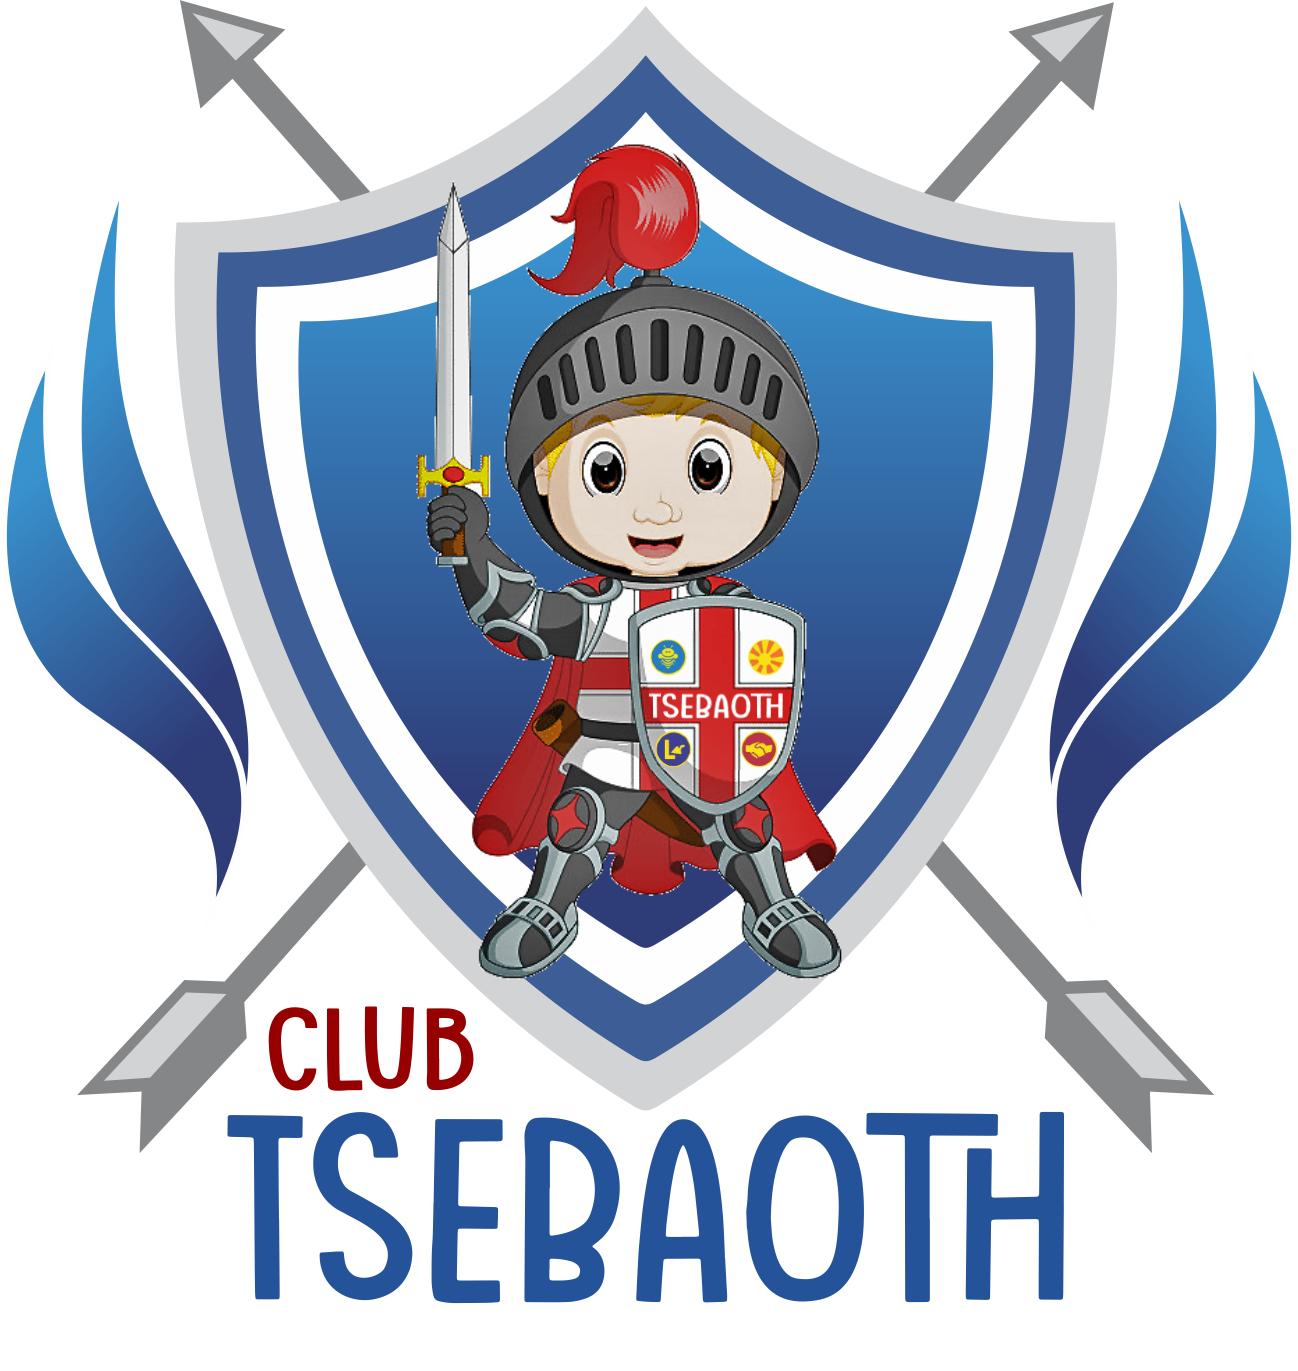 TSEBAOTH